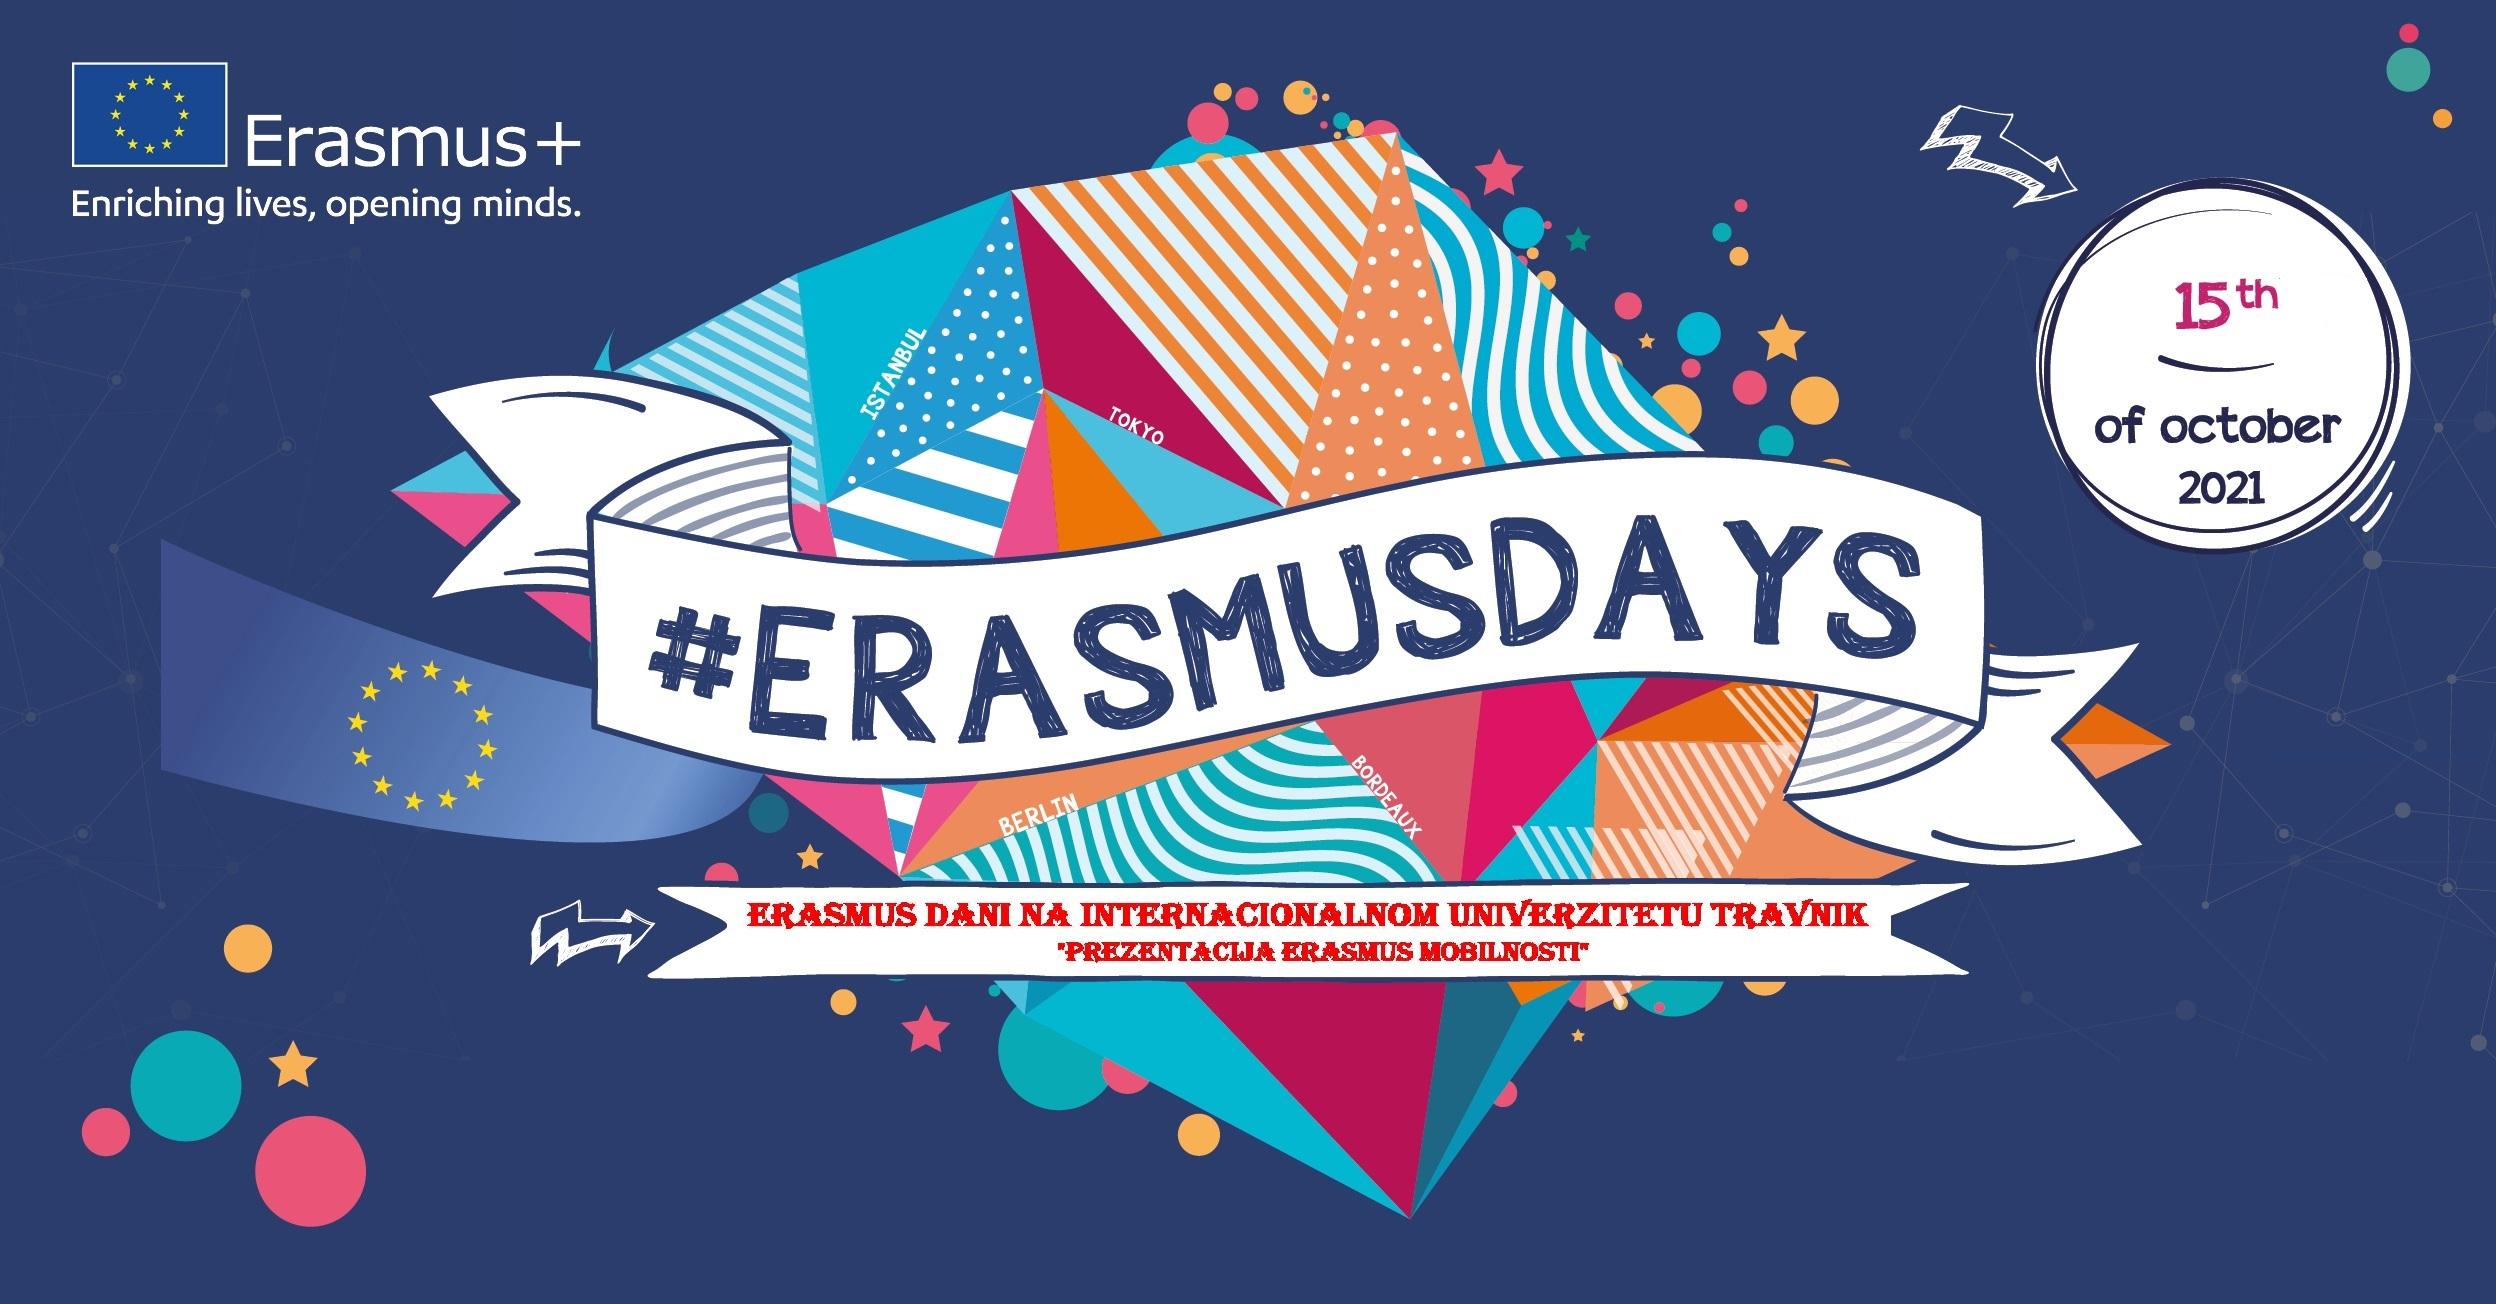 Prezentacija Erasmus + Mobilnosti U Okviru Erasmus Dana Na Internacionalnom Univerzitetu Travnik